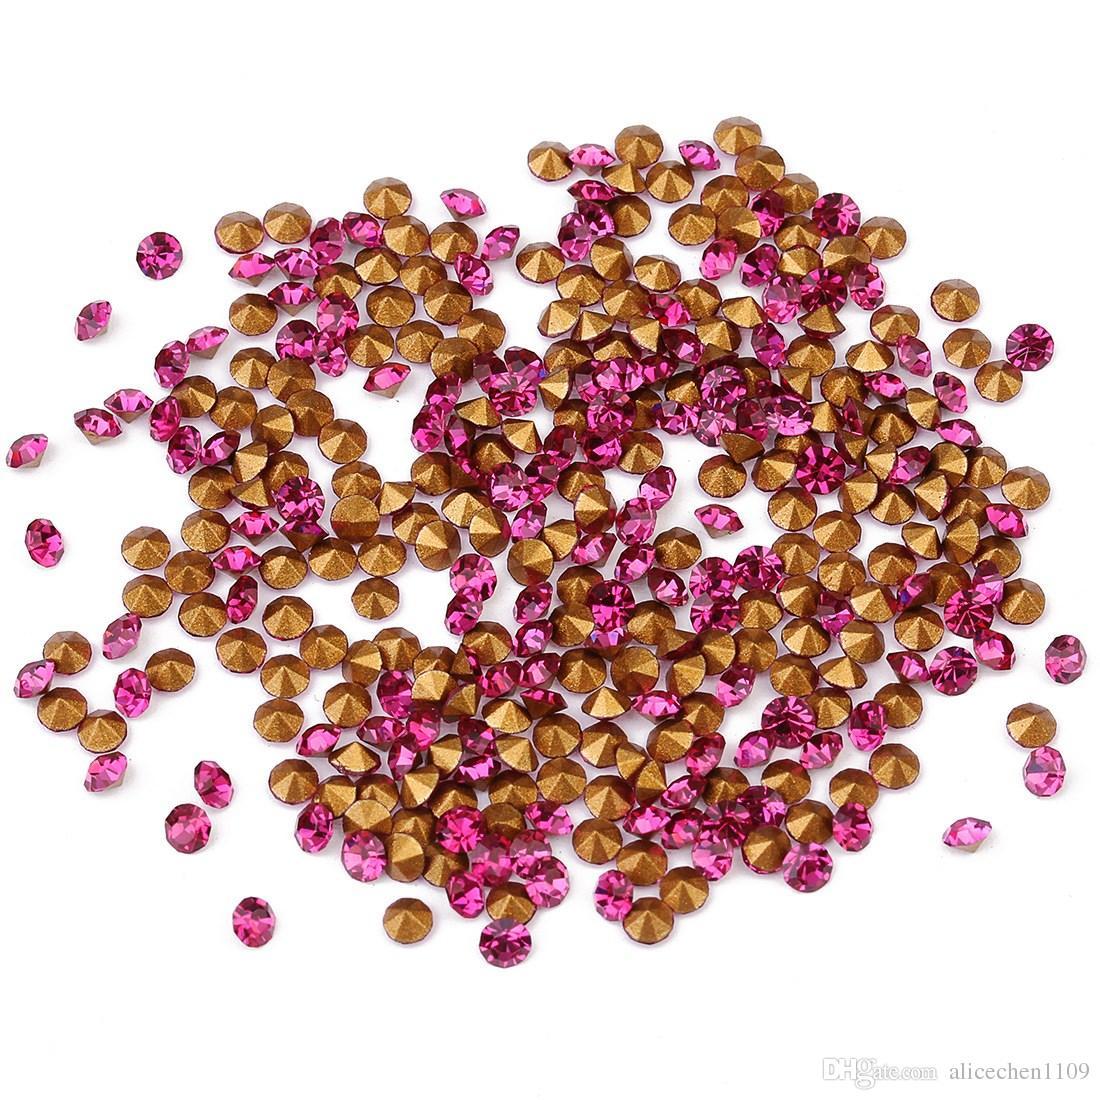 50 gram/lot (about1440pcs) Apical cerchio di Cristallo Branelli Del Diamante Per La Casa FAI DA TE Abbigliamento Phone Decor Apical cerchio strass gemme Flatebact